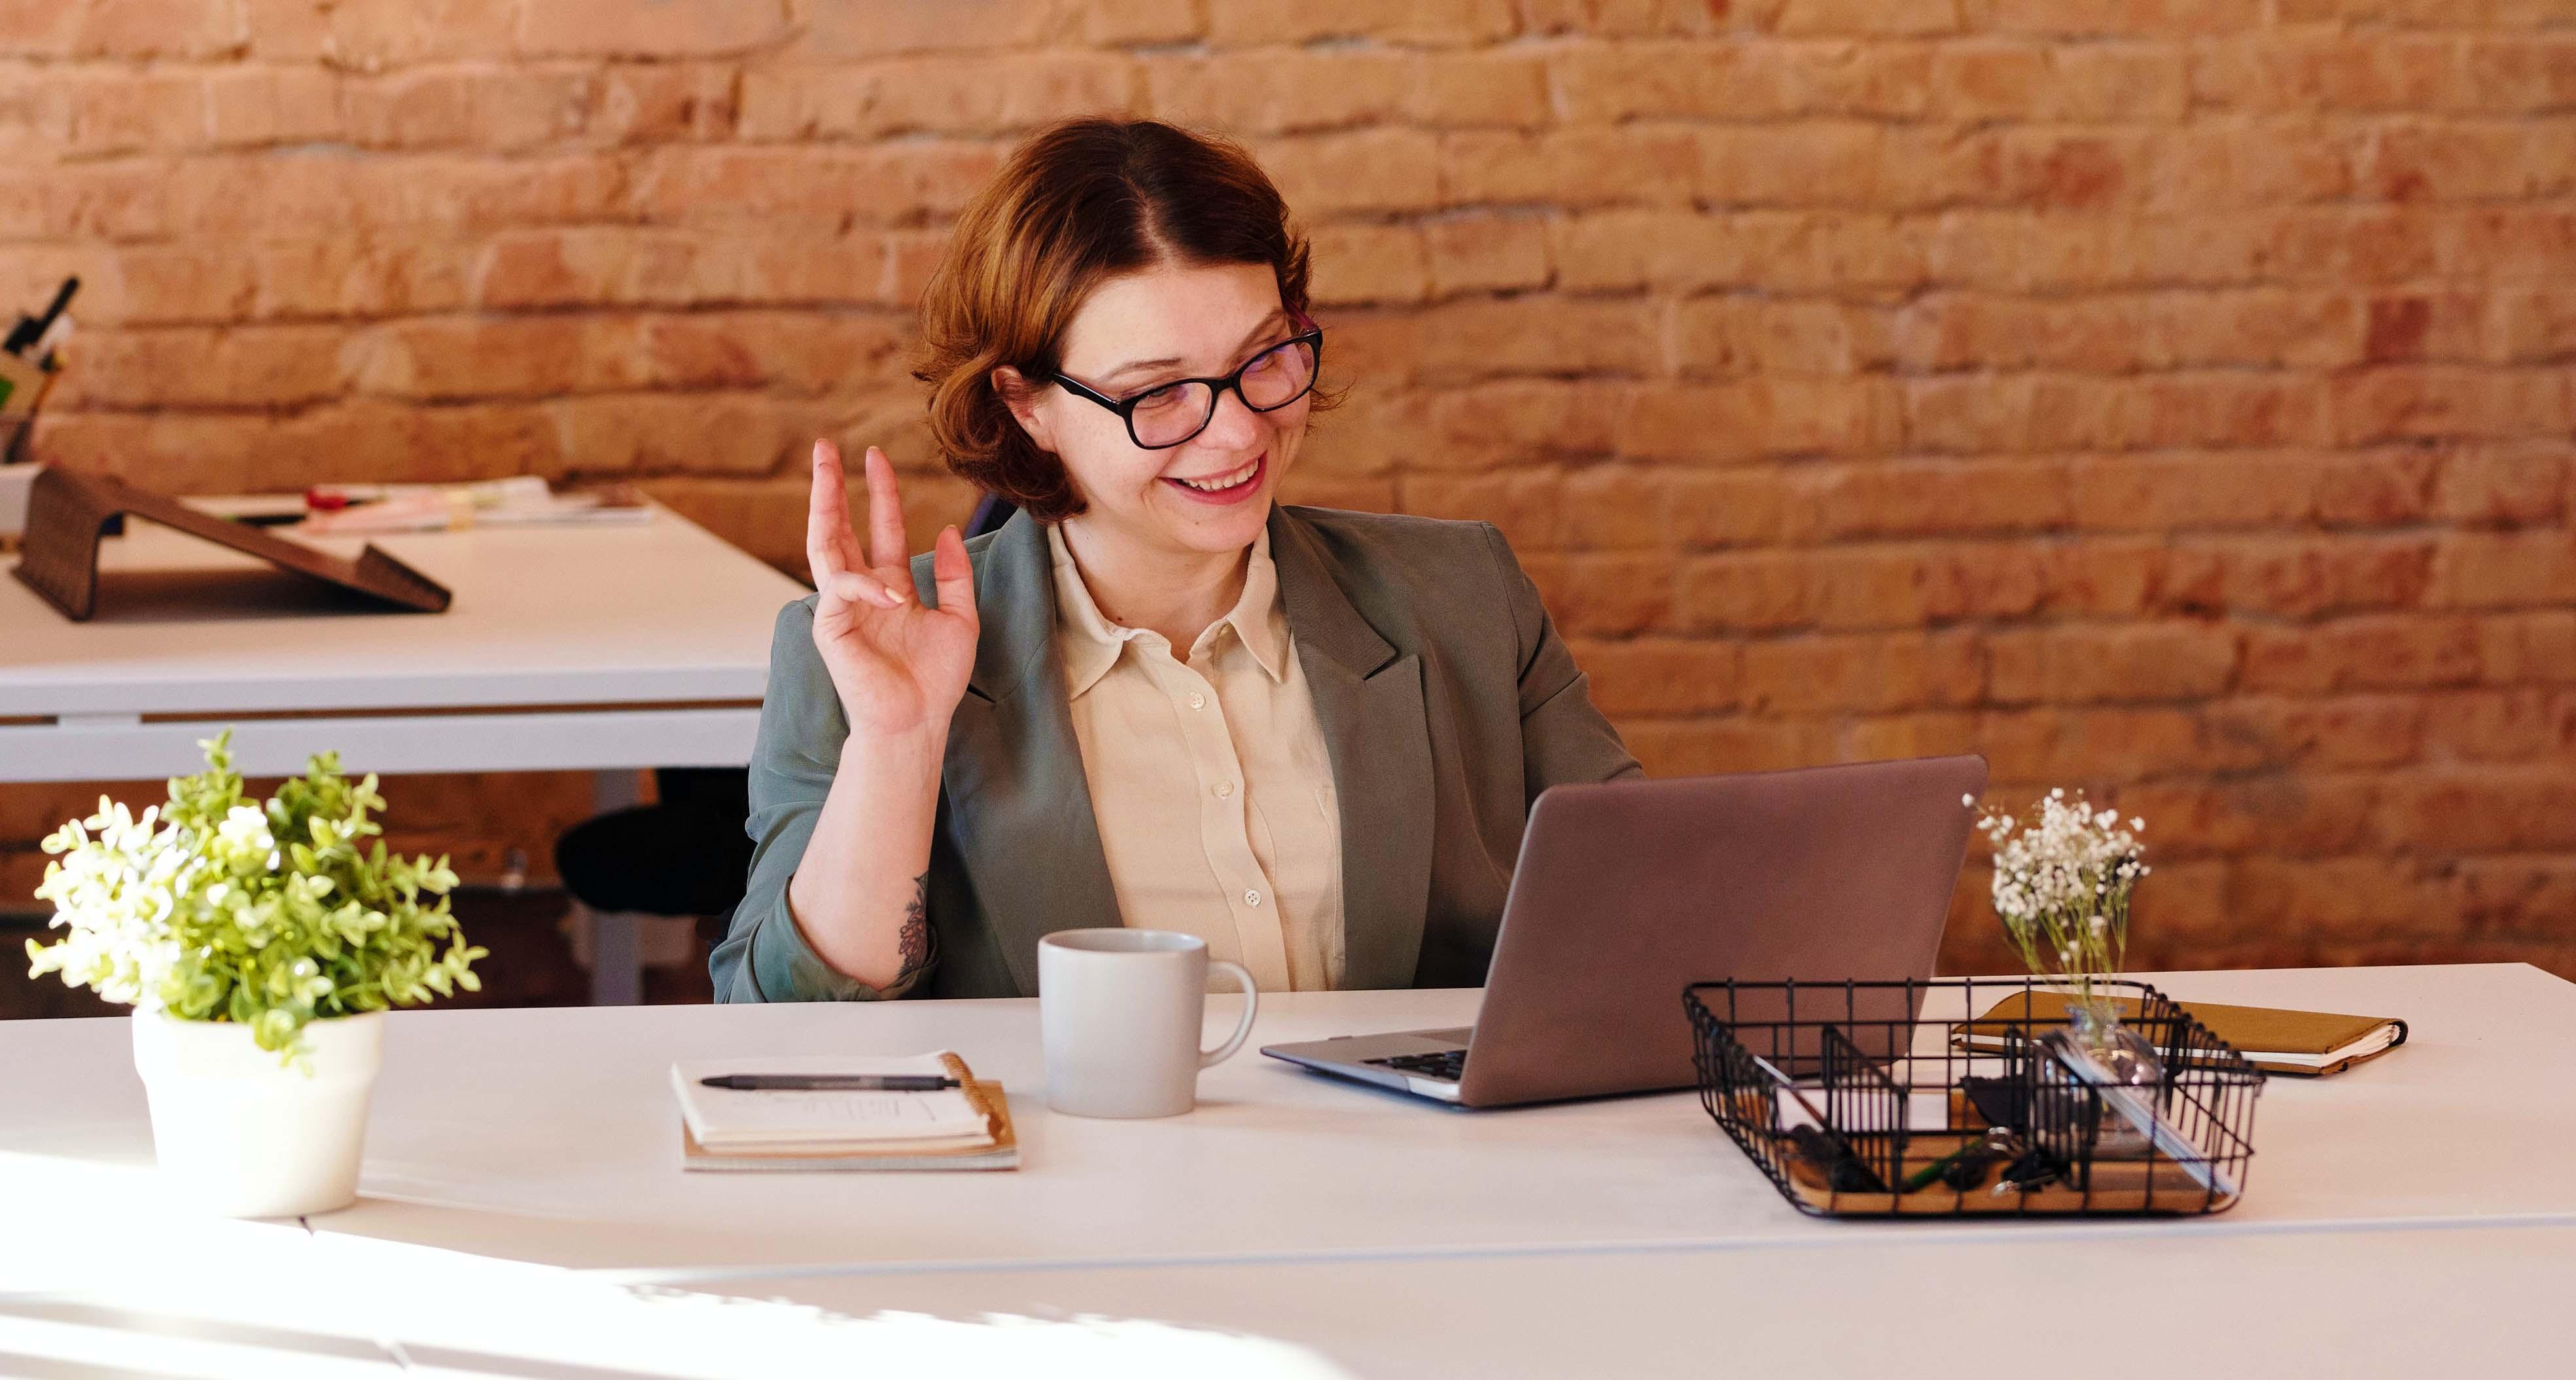 Sustituye tus Eventos por Webinars. Claves para una buena Estrategia